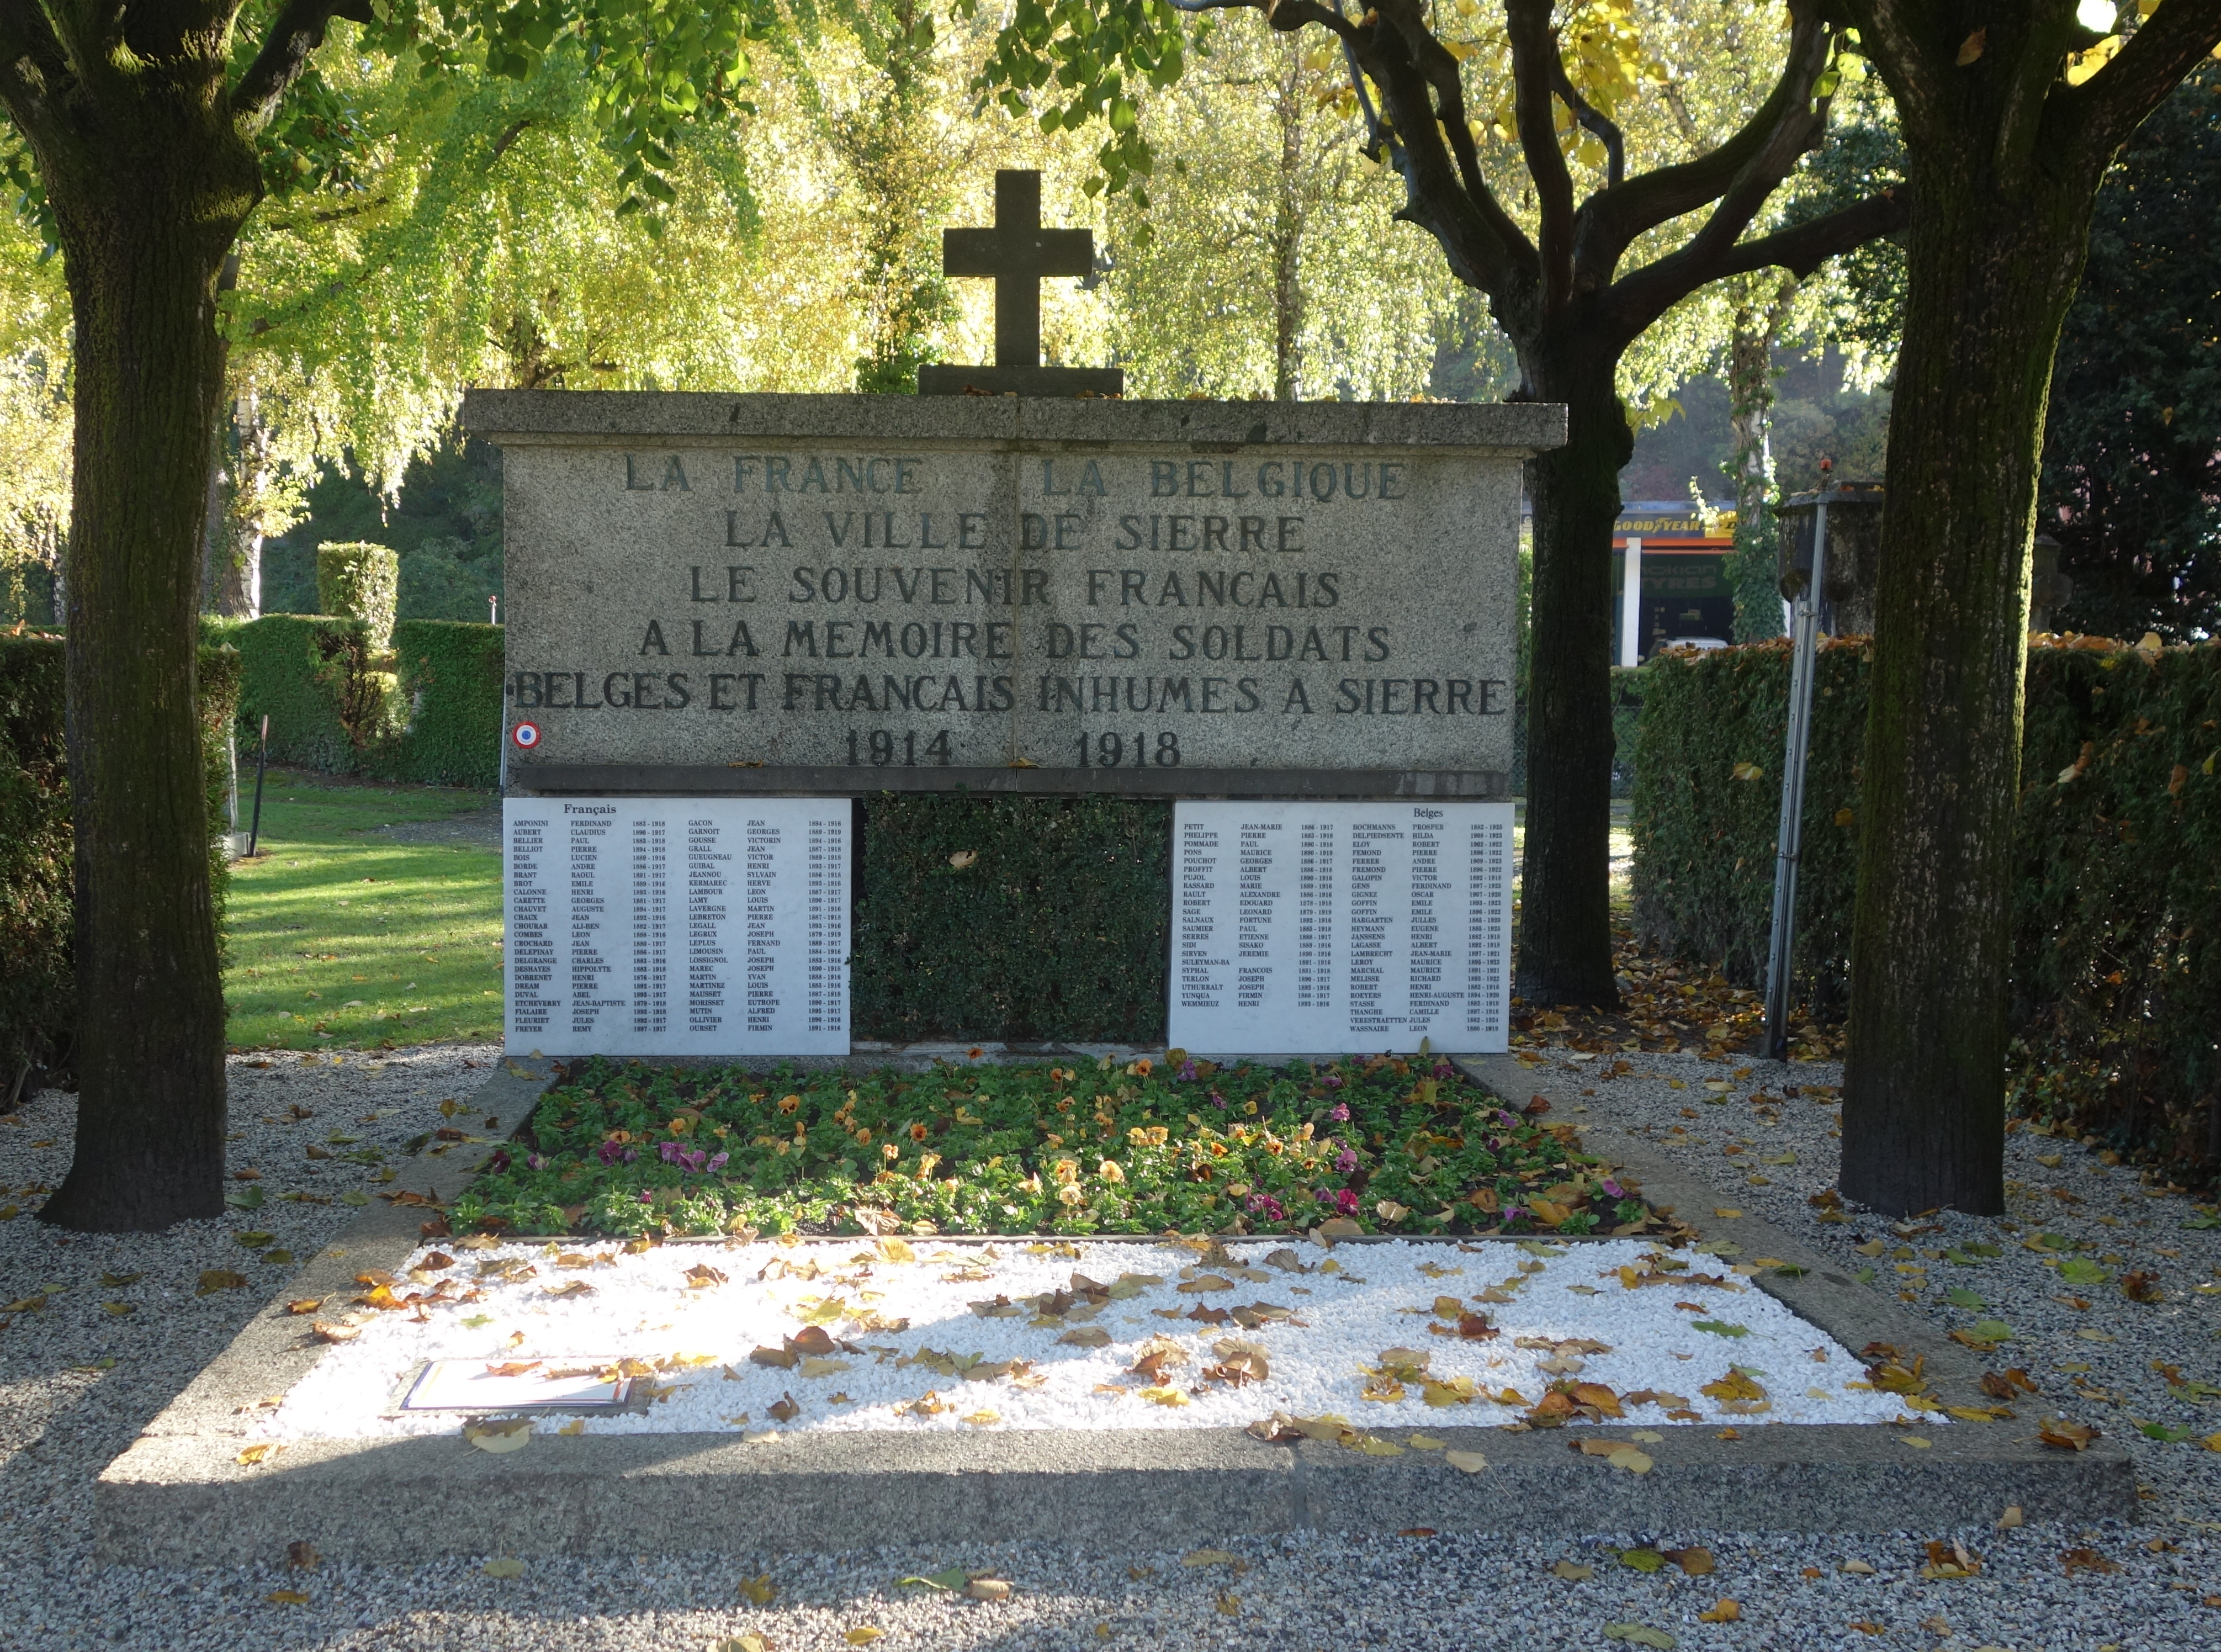 Hommage aux internés français et belges inhumés à Sierre